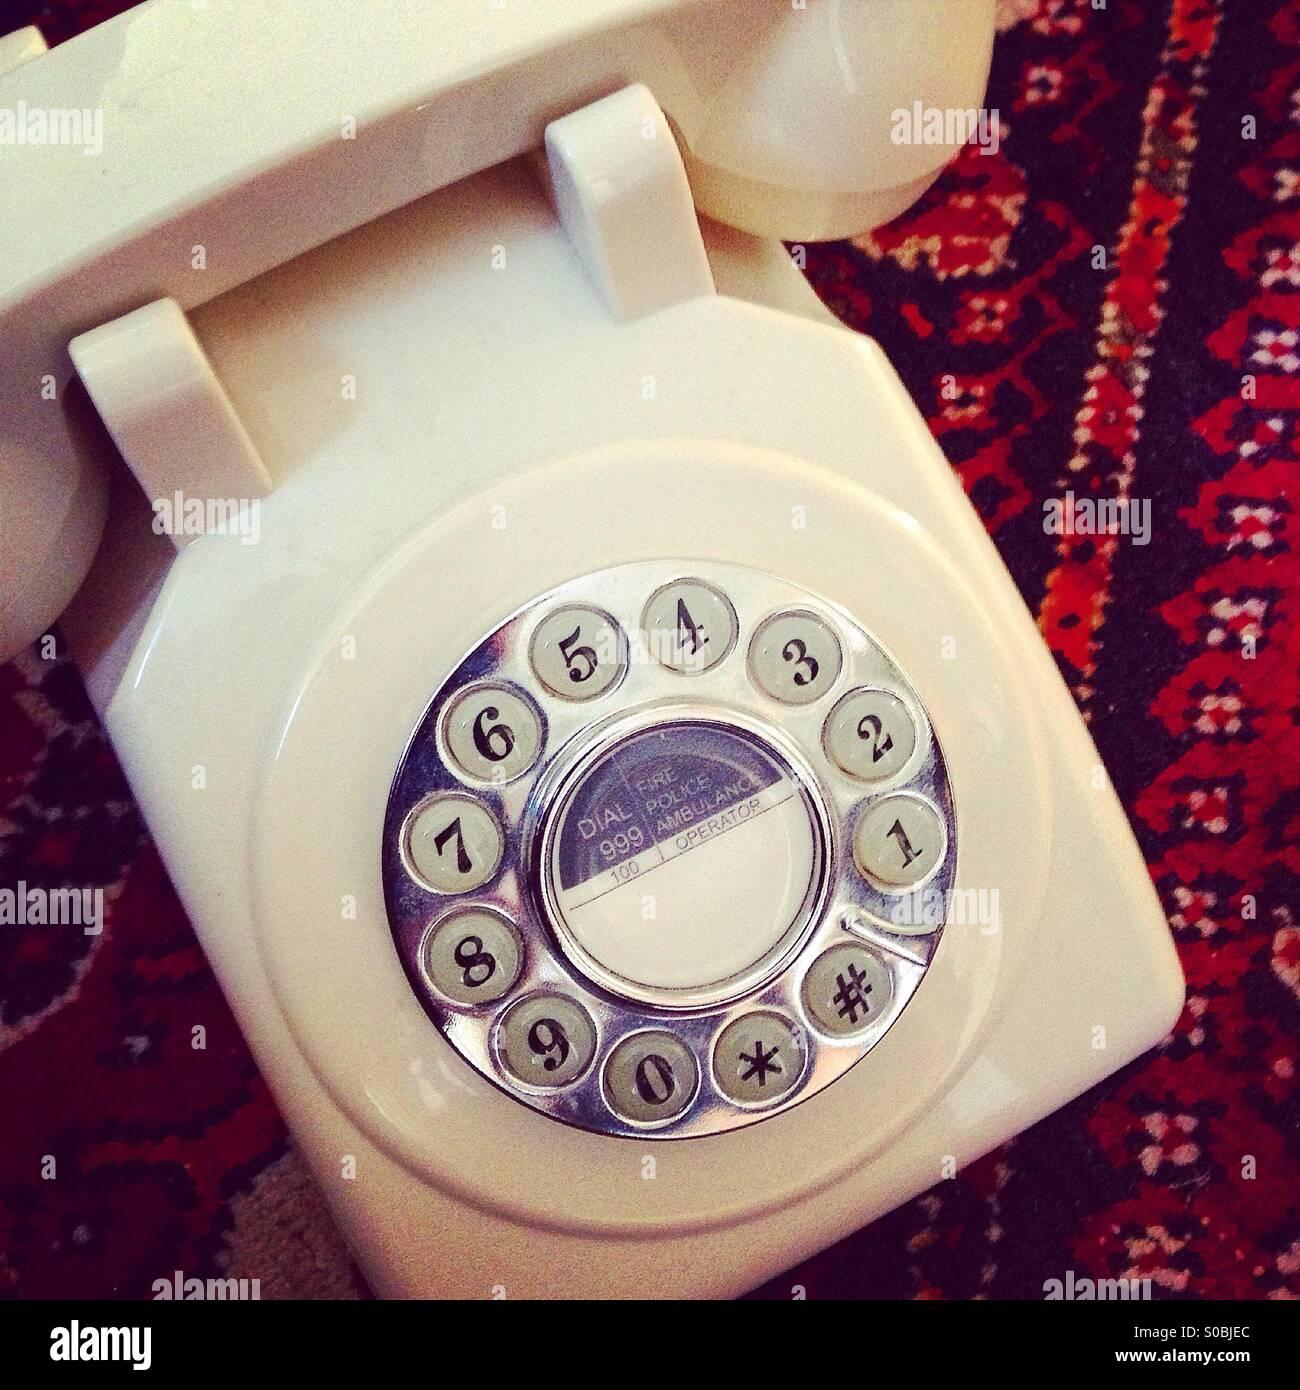 In stile vintage telefono Immagini Stock